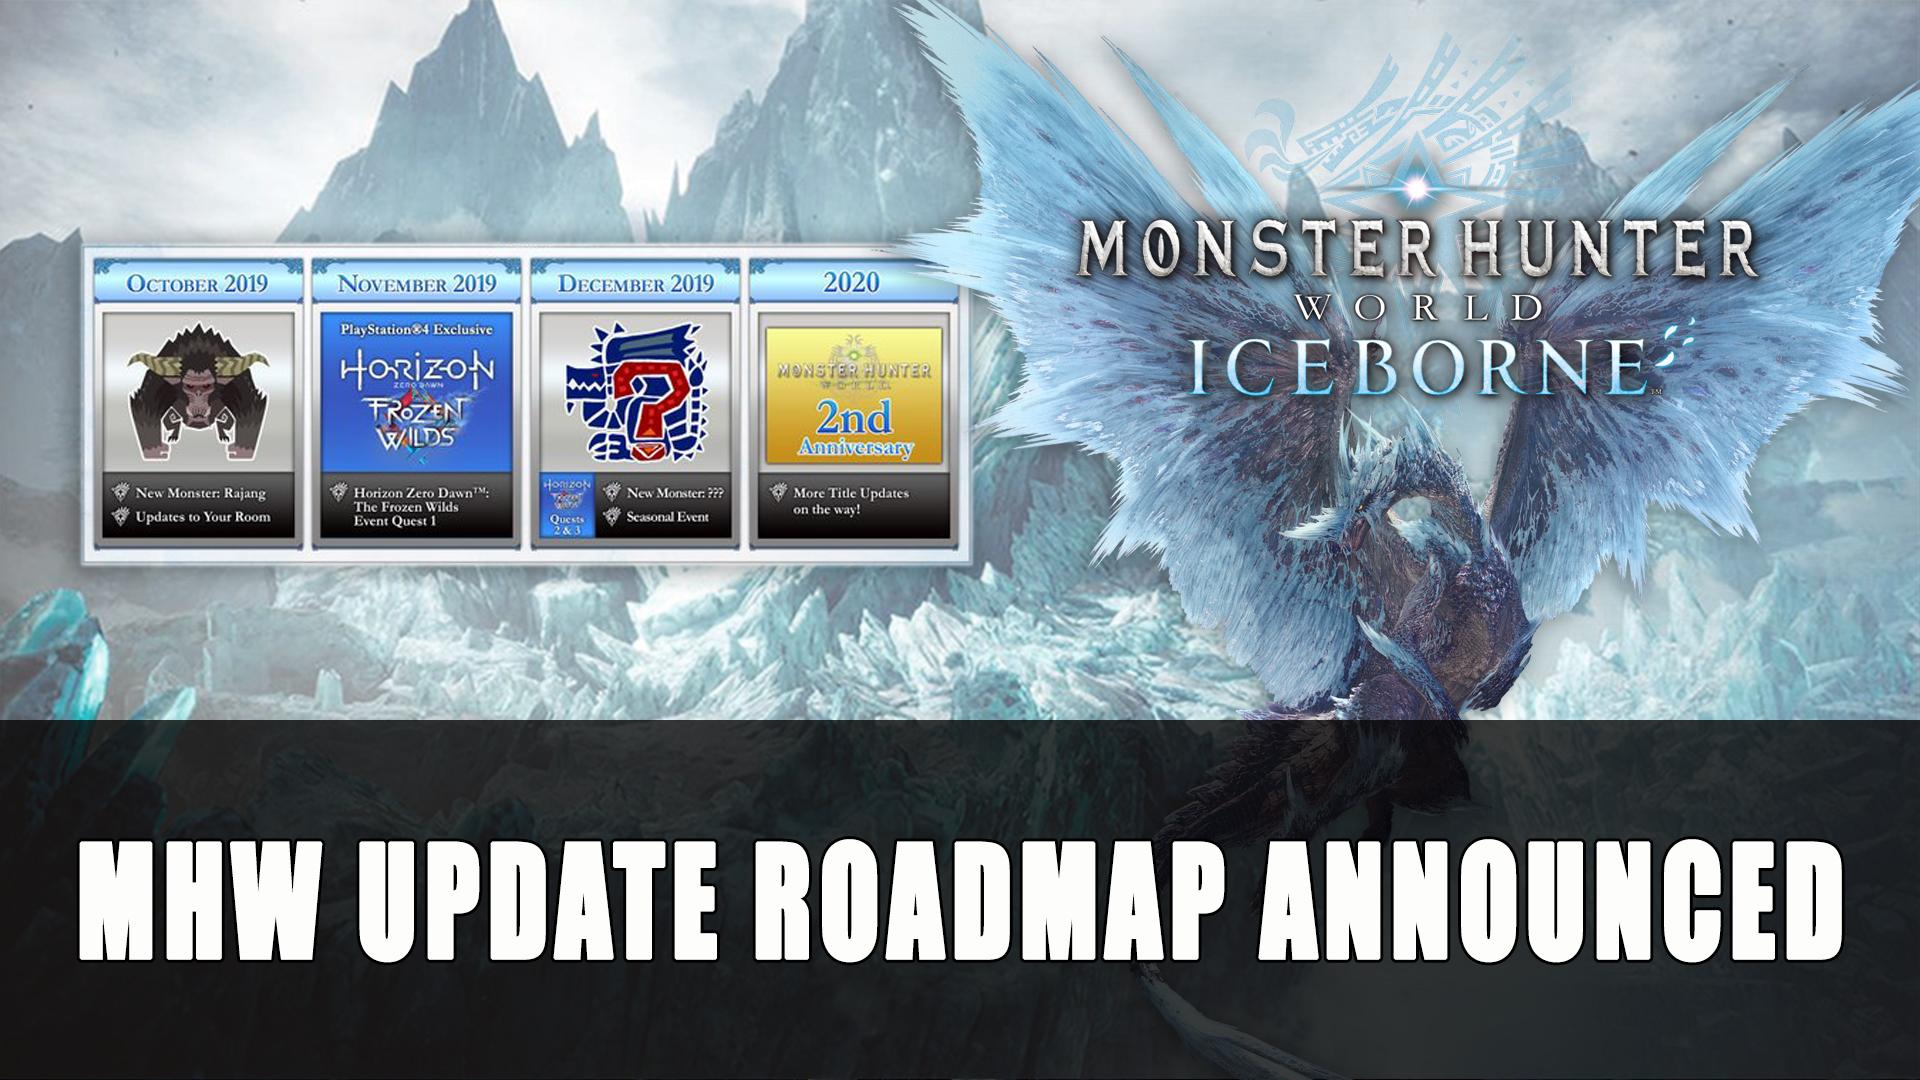 Monster Hunter World Iceborne Update Roadmap Announced